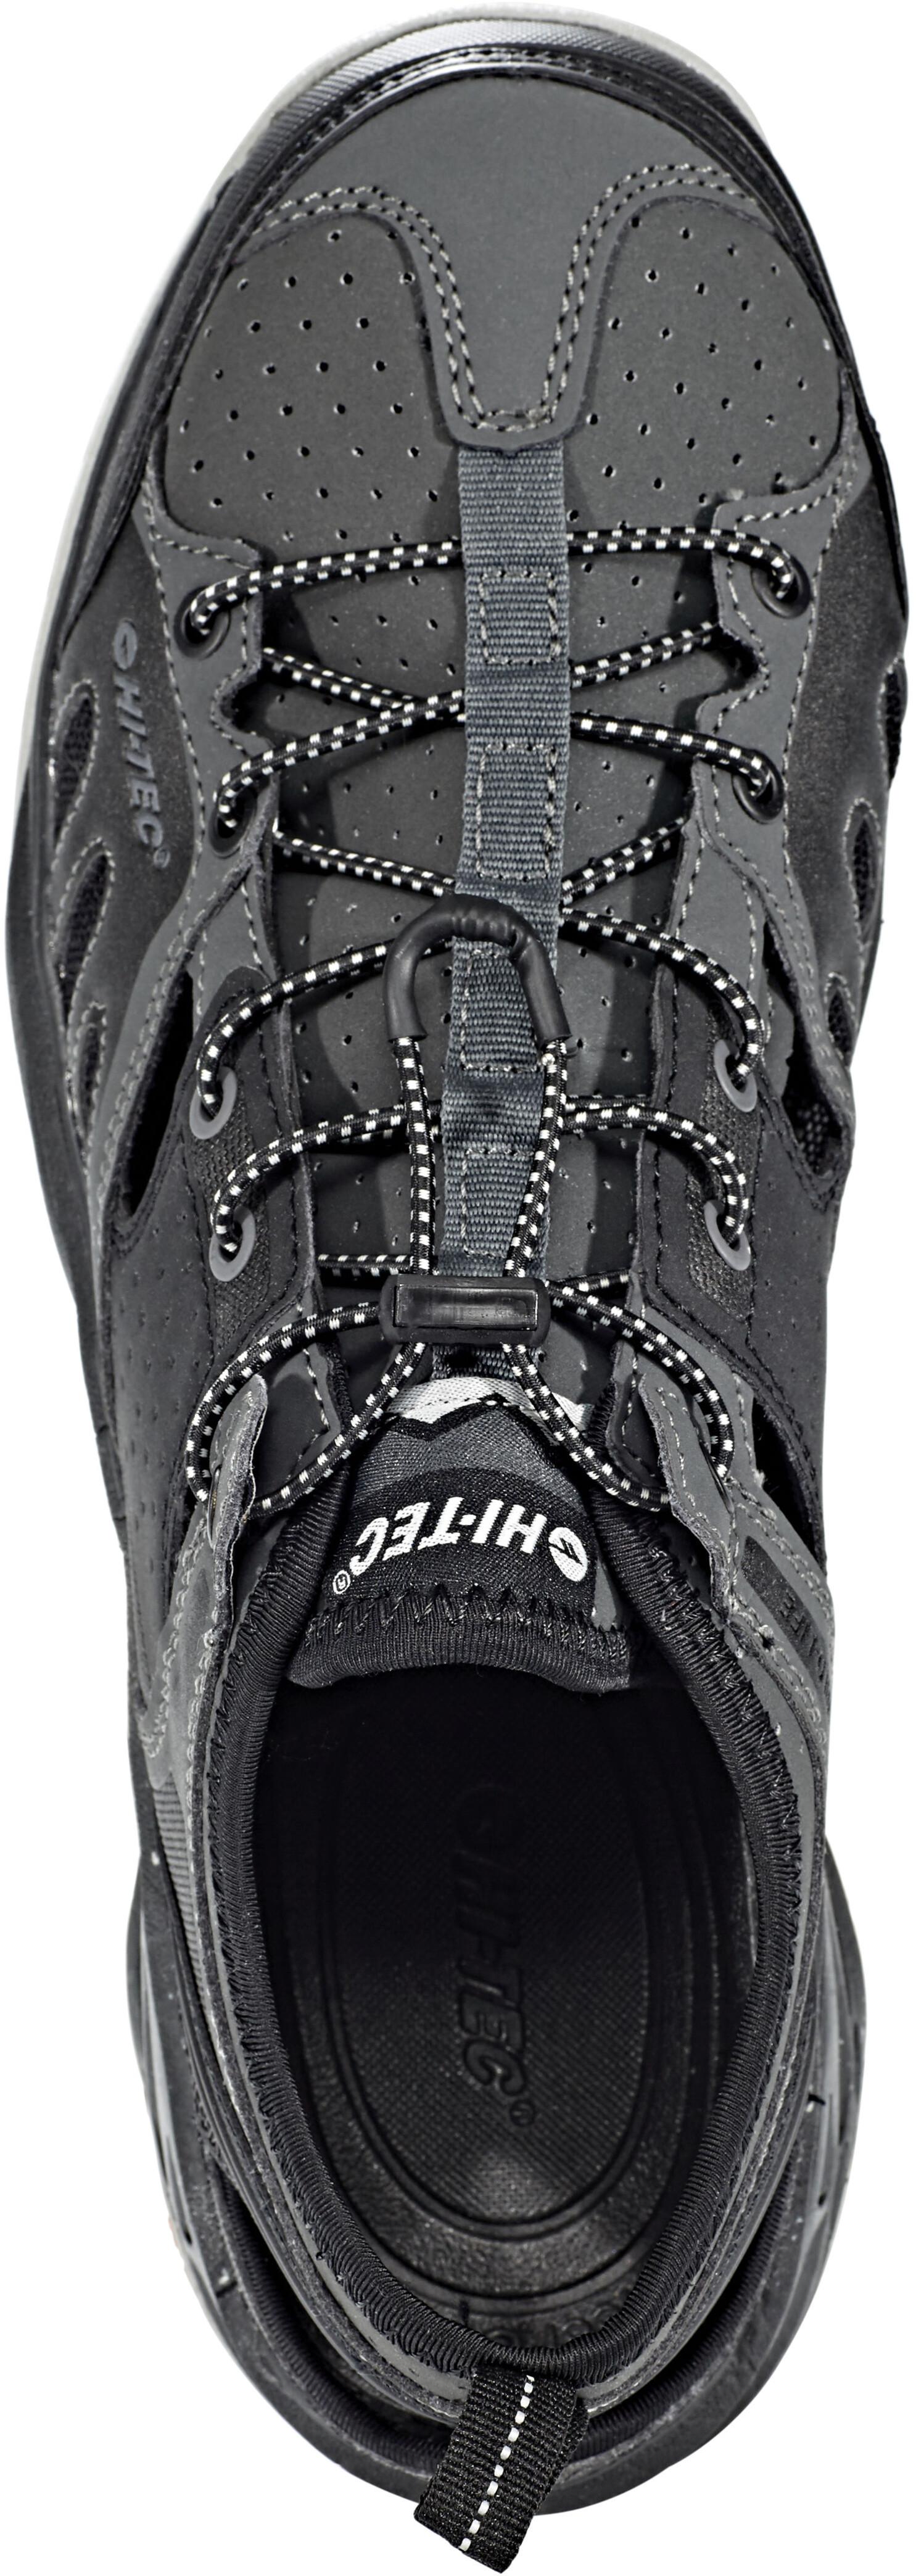 71a599076d6 Hi-Tec V-Lite Wild-Life Cayman Sandals Men black/charcoal